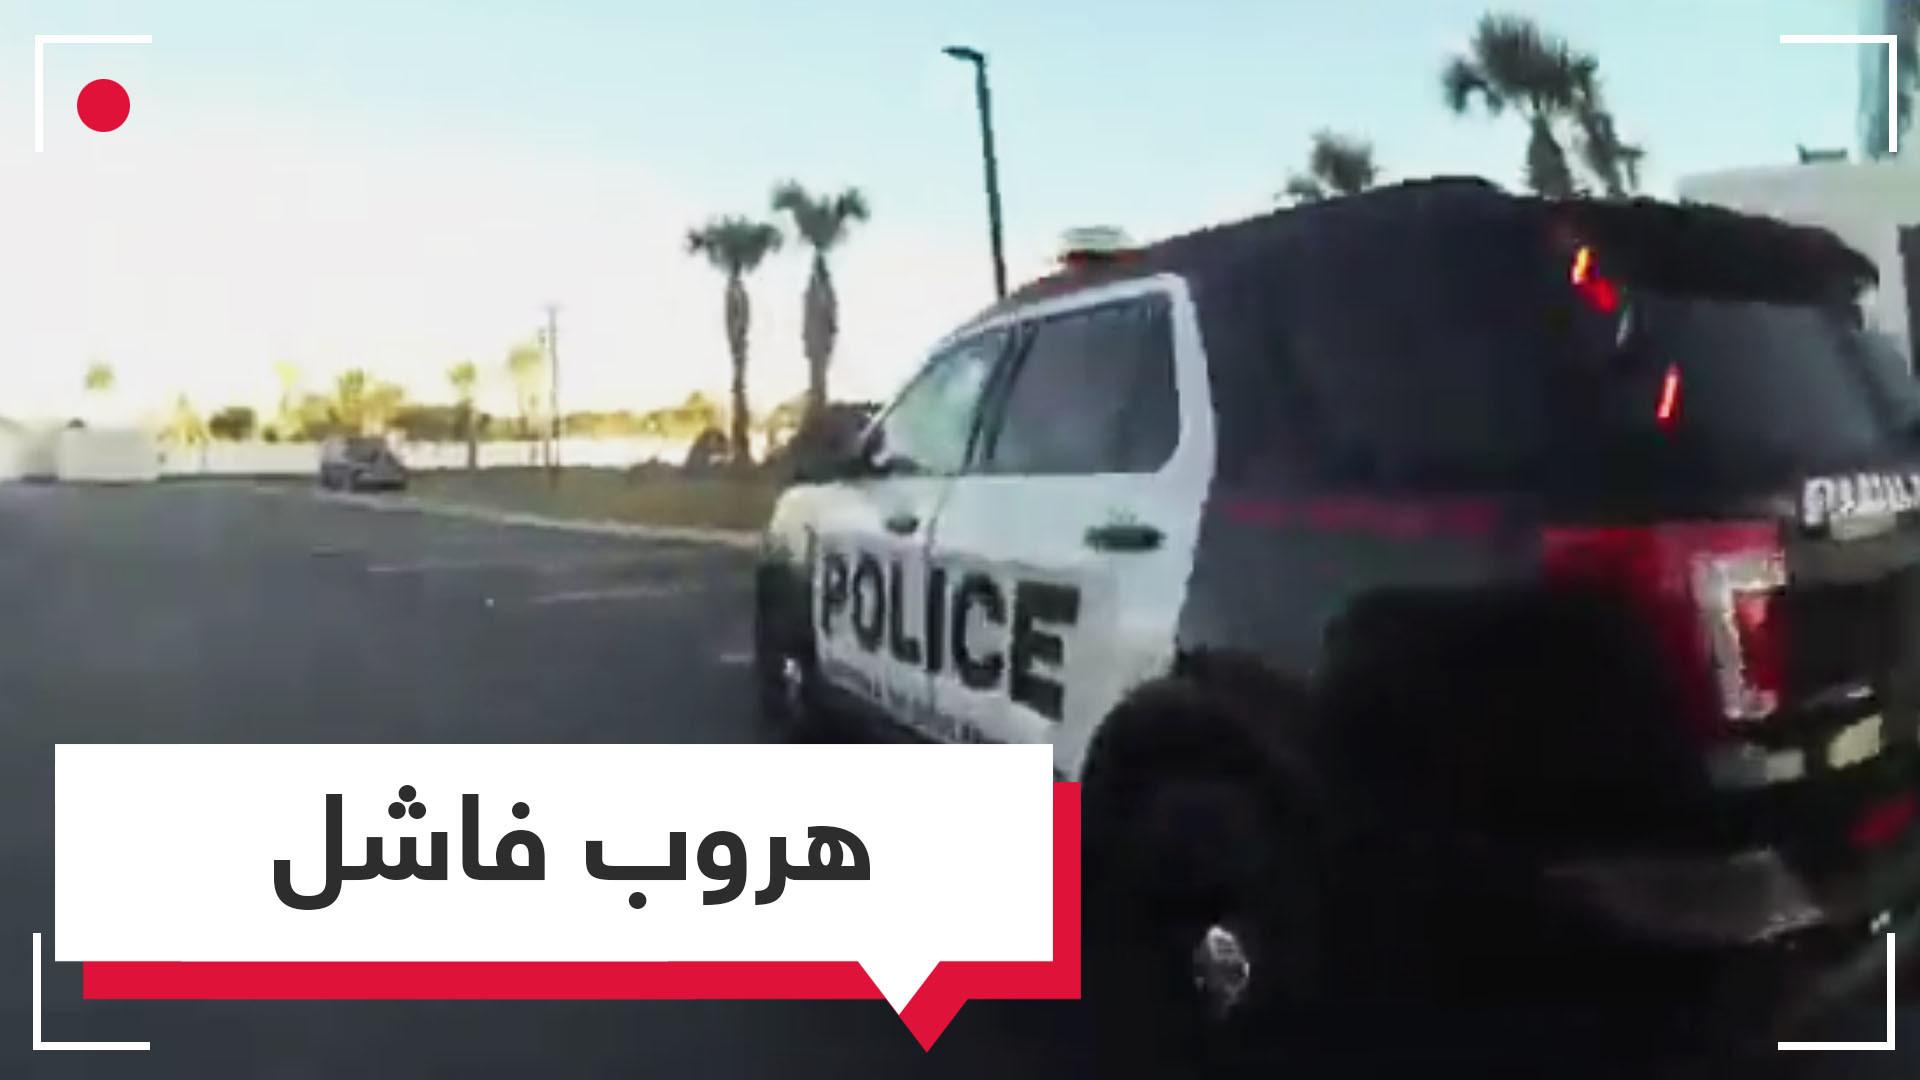 دون جدوى.. شاب يحاول الهرب من الشرطة في الولايات المتحدة